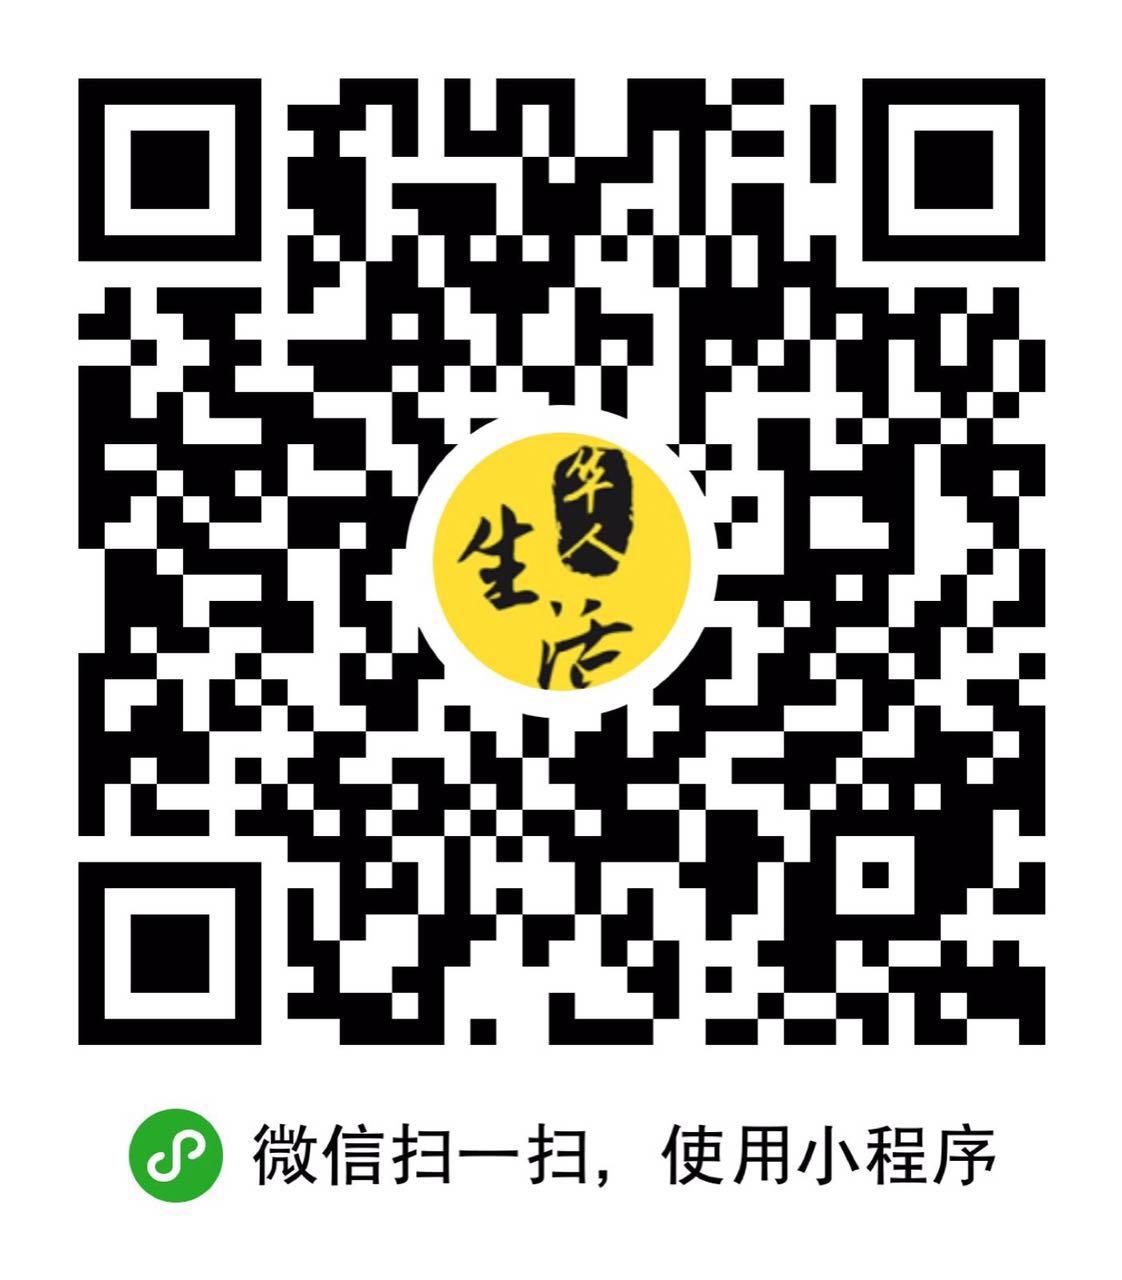 华人生活网+二维码